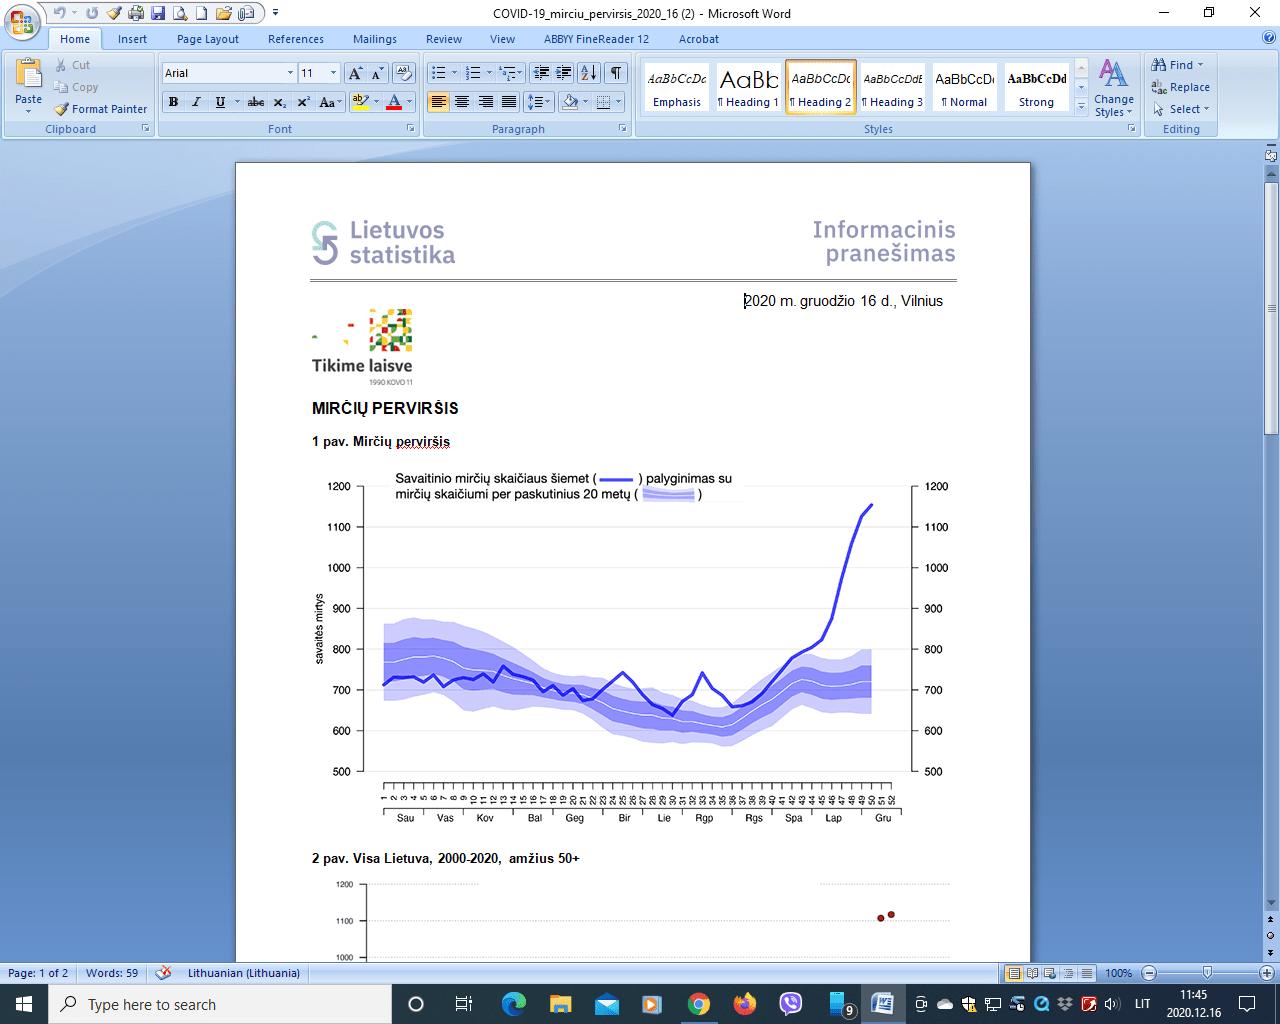 Statistika fiksuoja Lietuvos gyventojų masinį fizinį naikinimą